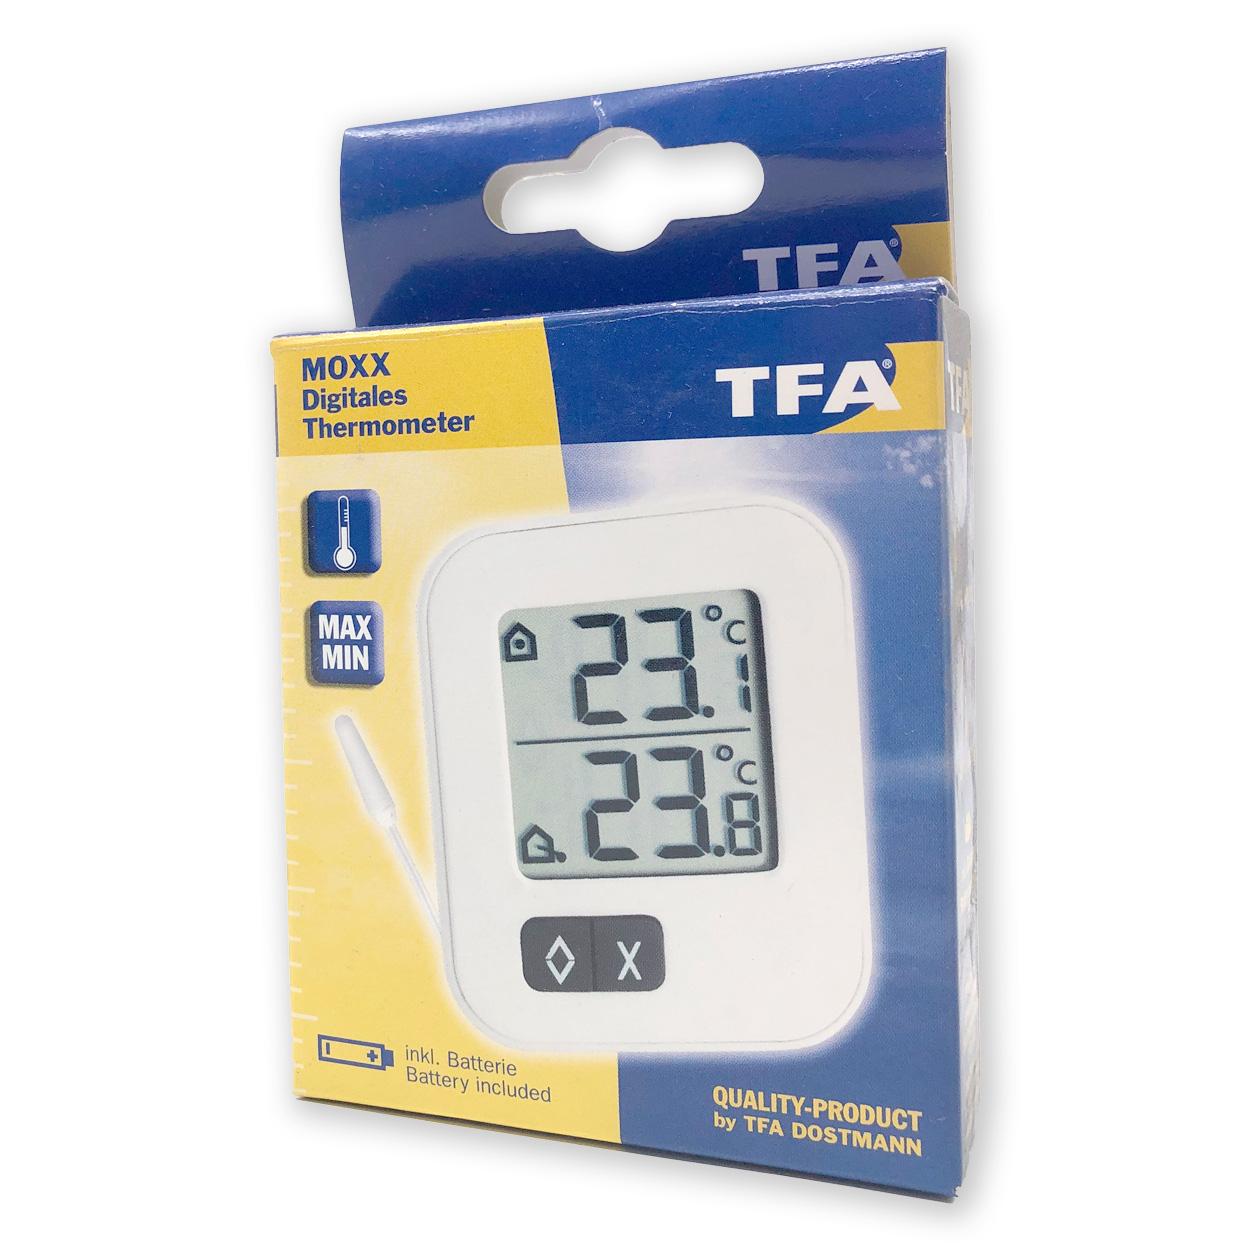 Min Max Thermometer digital